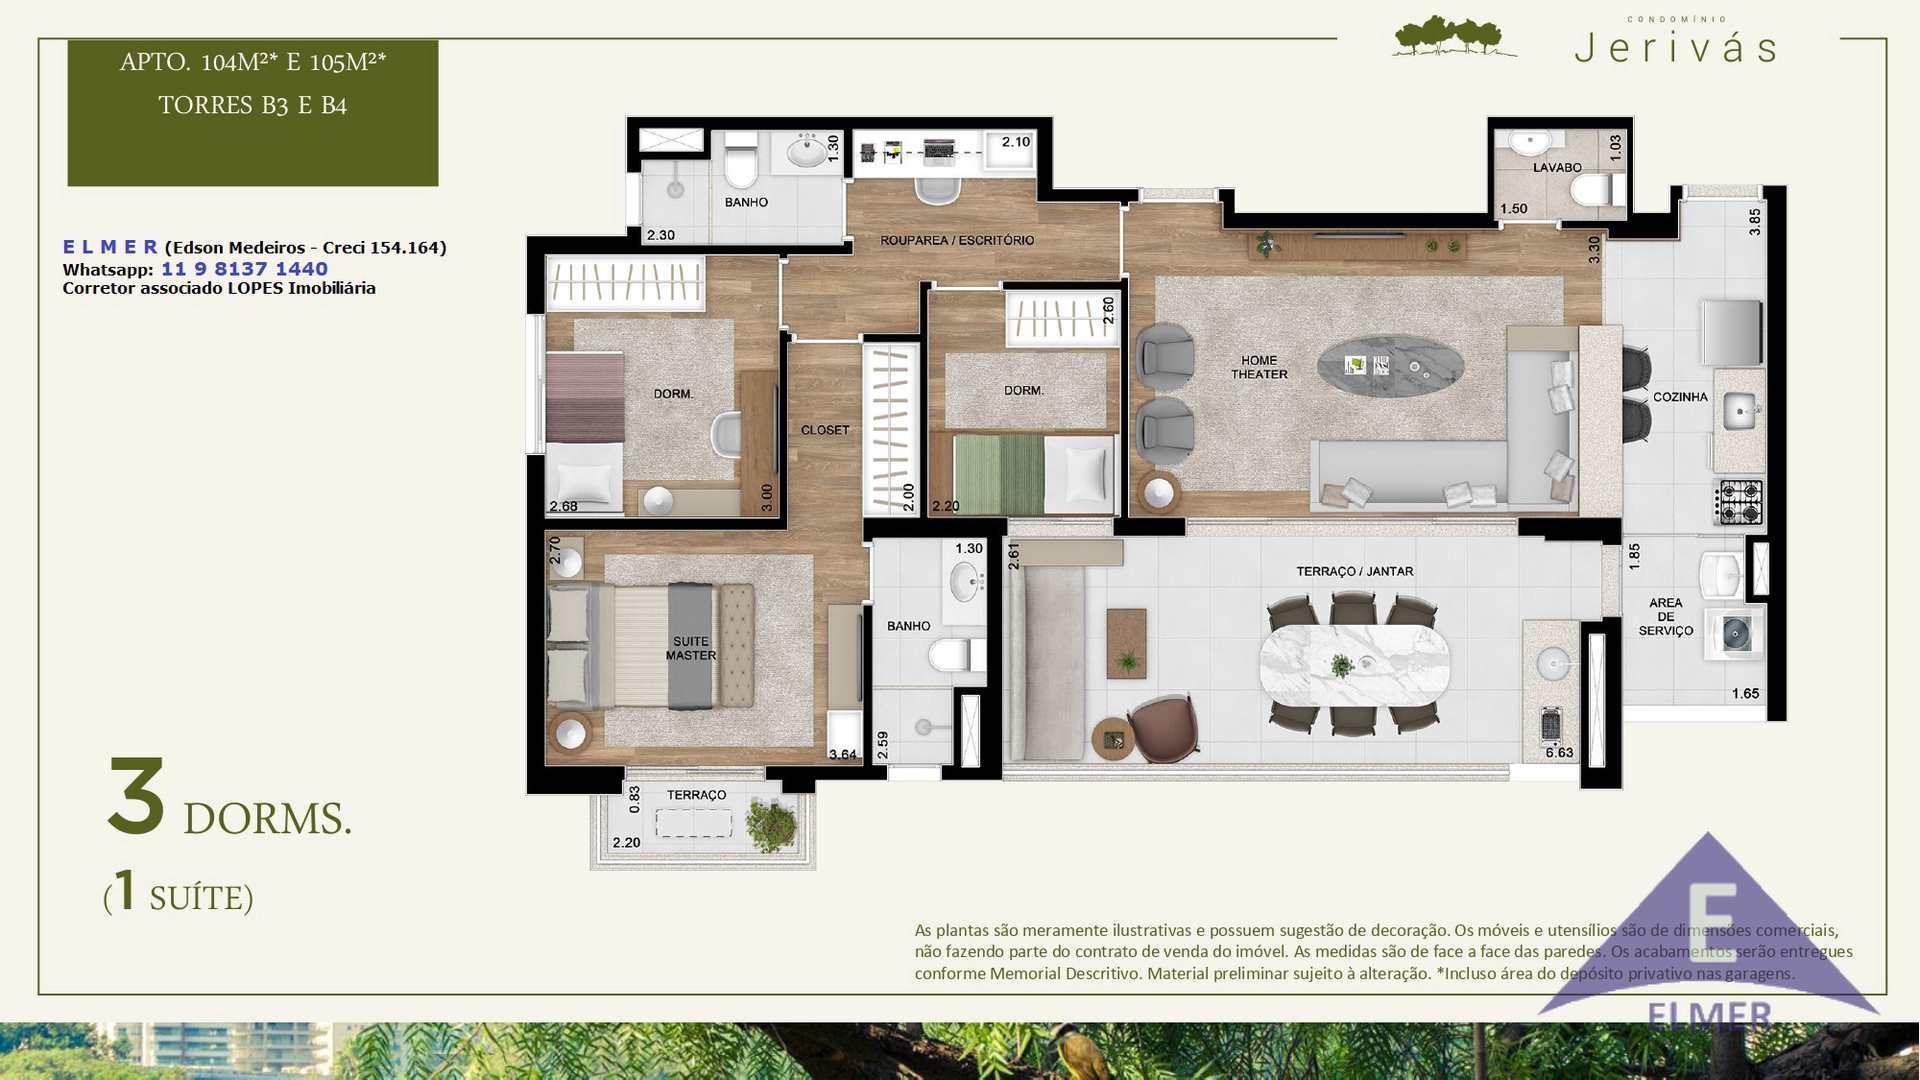 JERIVAS - Caminhos da LAPA, 105 m² - 3 dorm, 2 vagas, Cod: 323